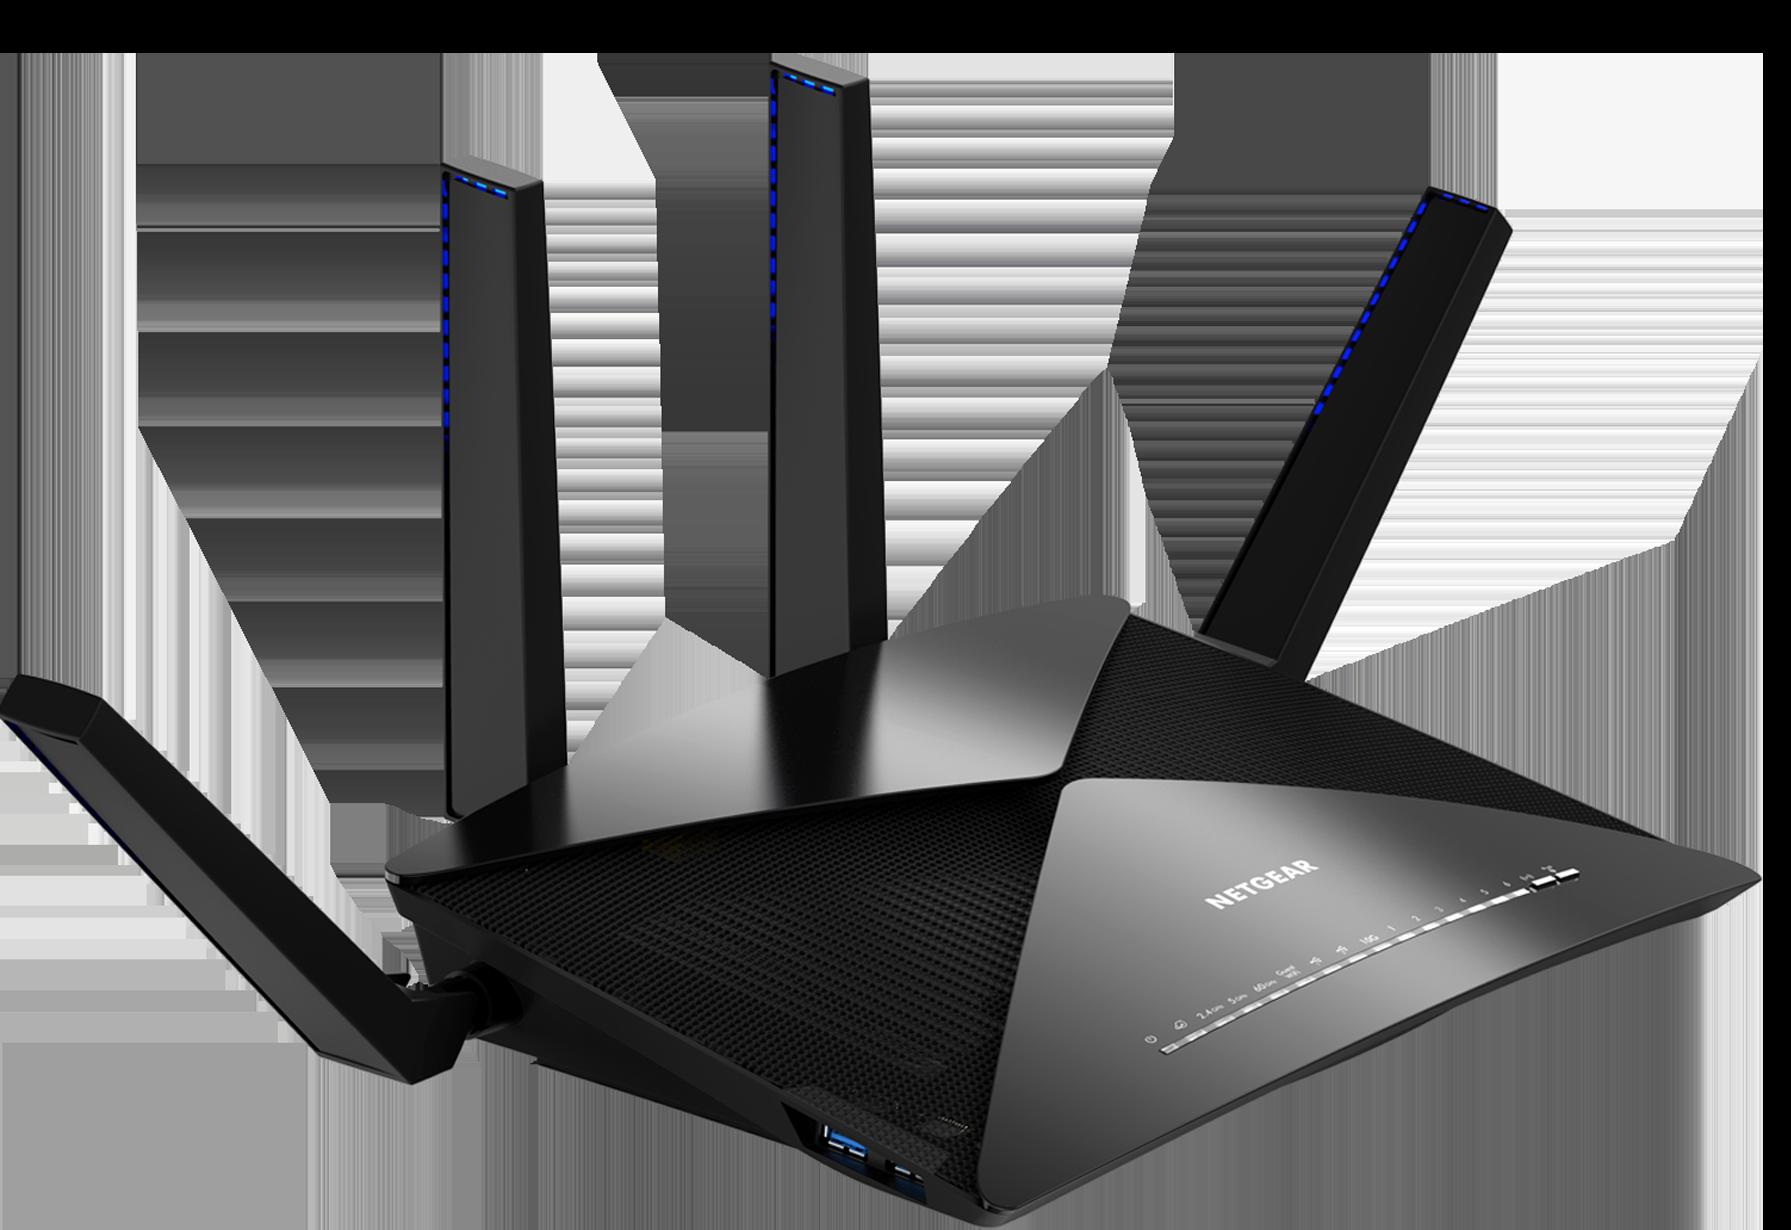 Welches sind die sichersten Router in 2017 - Wie, Technologie und PC ...